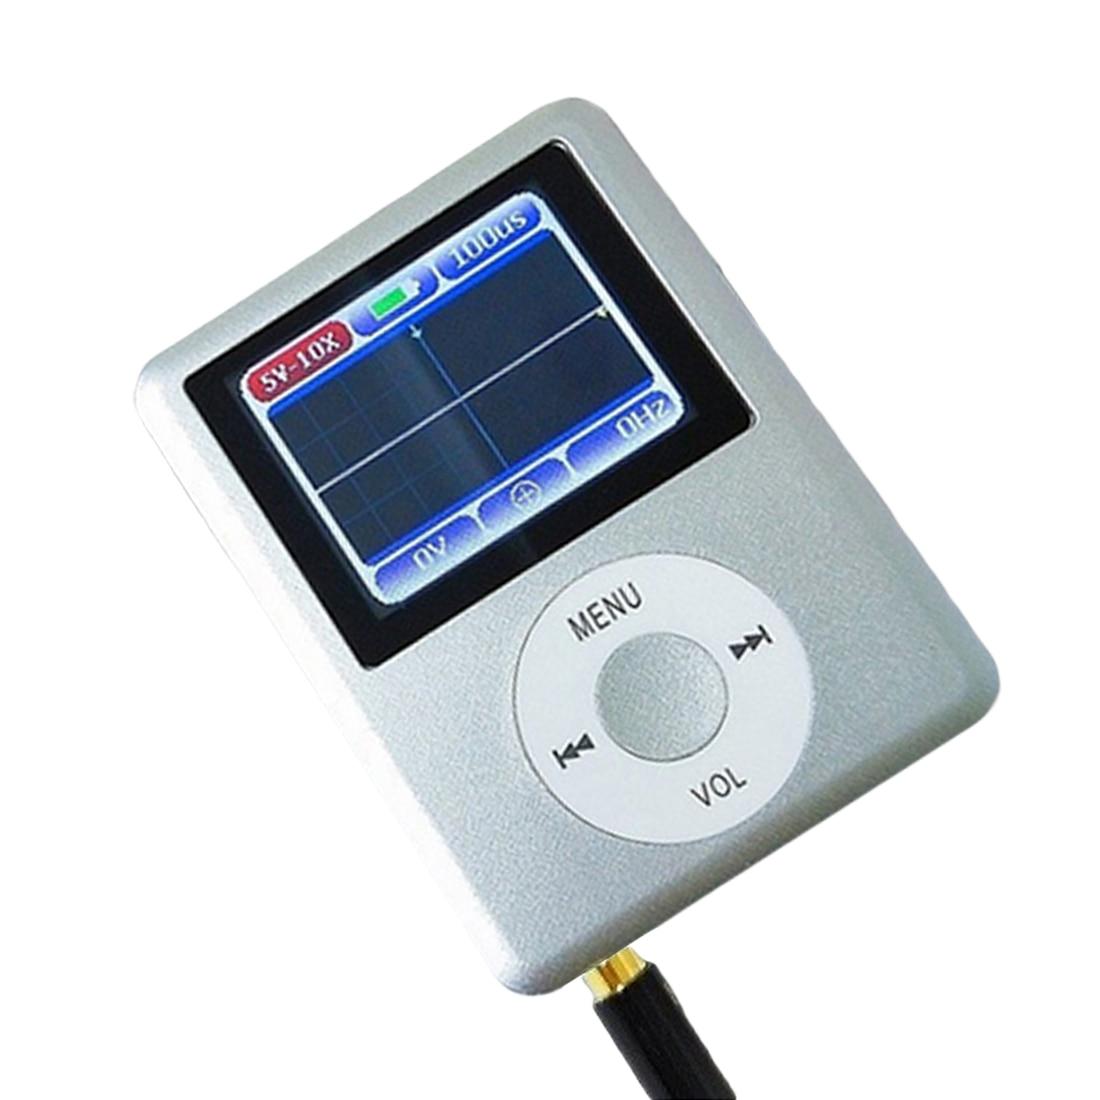 De poche 20 m Bande Passante 100 m Taux D'échantillonnage Mini Poche Portable Ultra-petit Numérique Oscilloscope DSO168